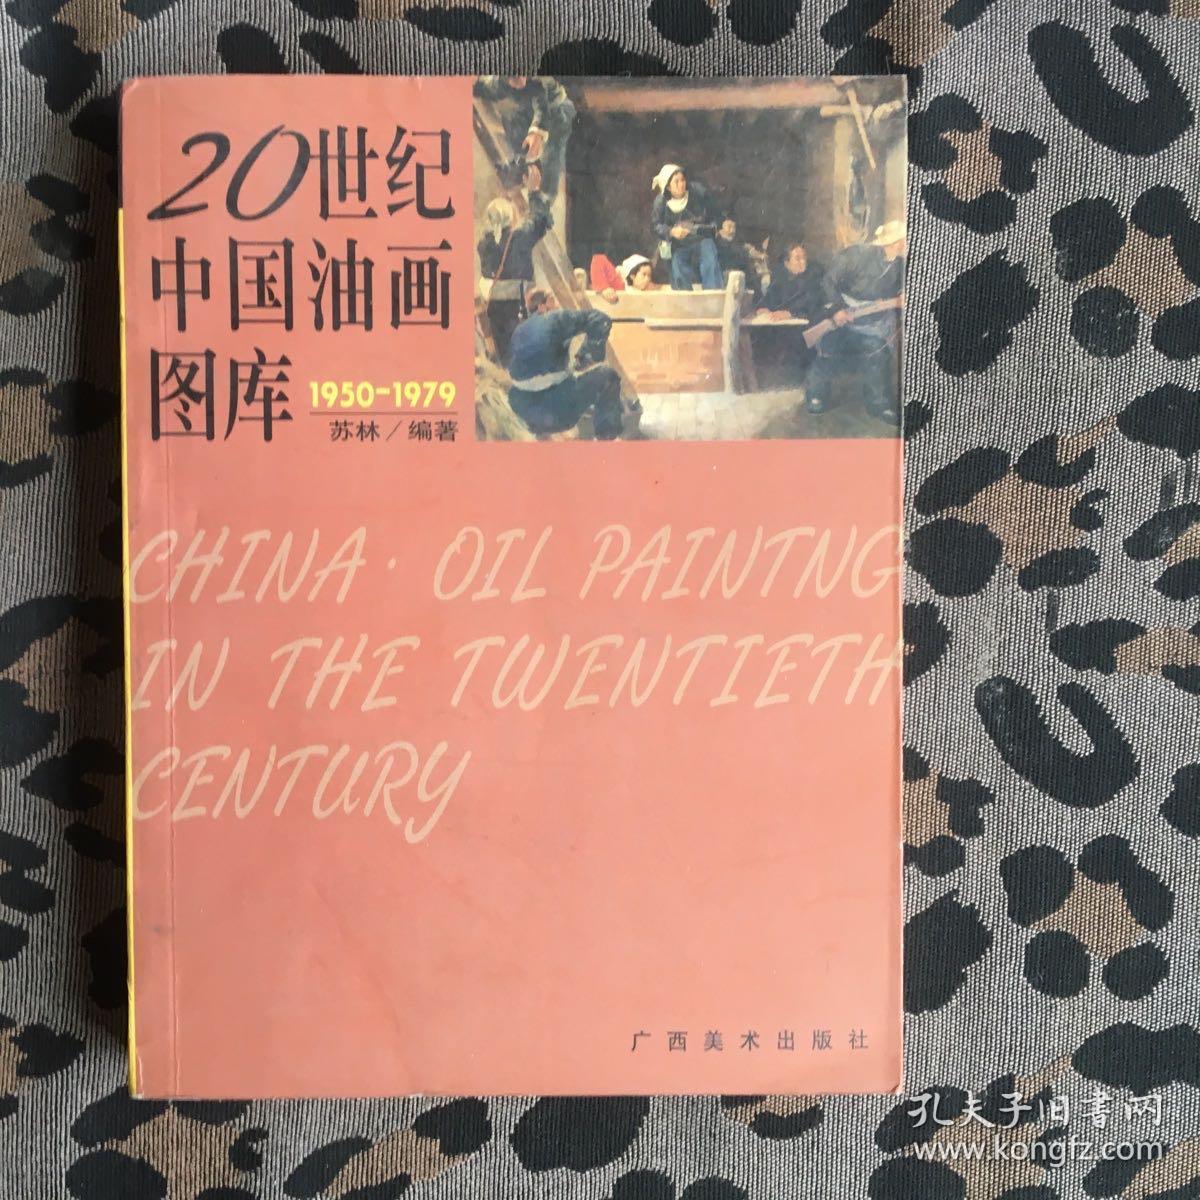 20世纪中国油画图库2(1950-1979)